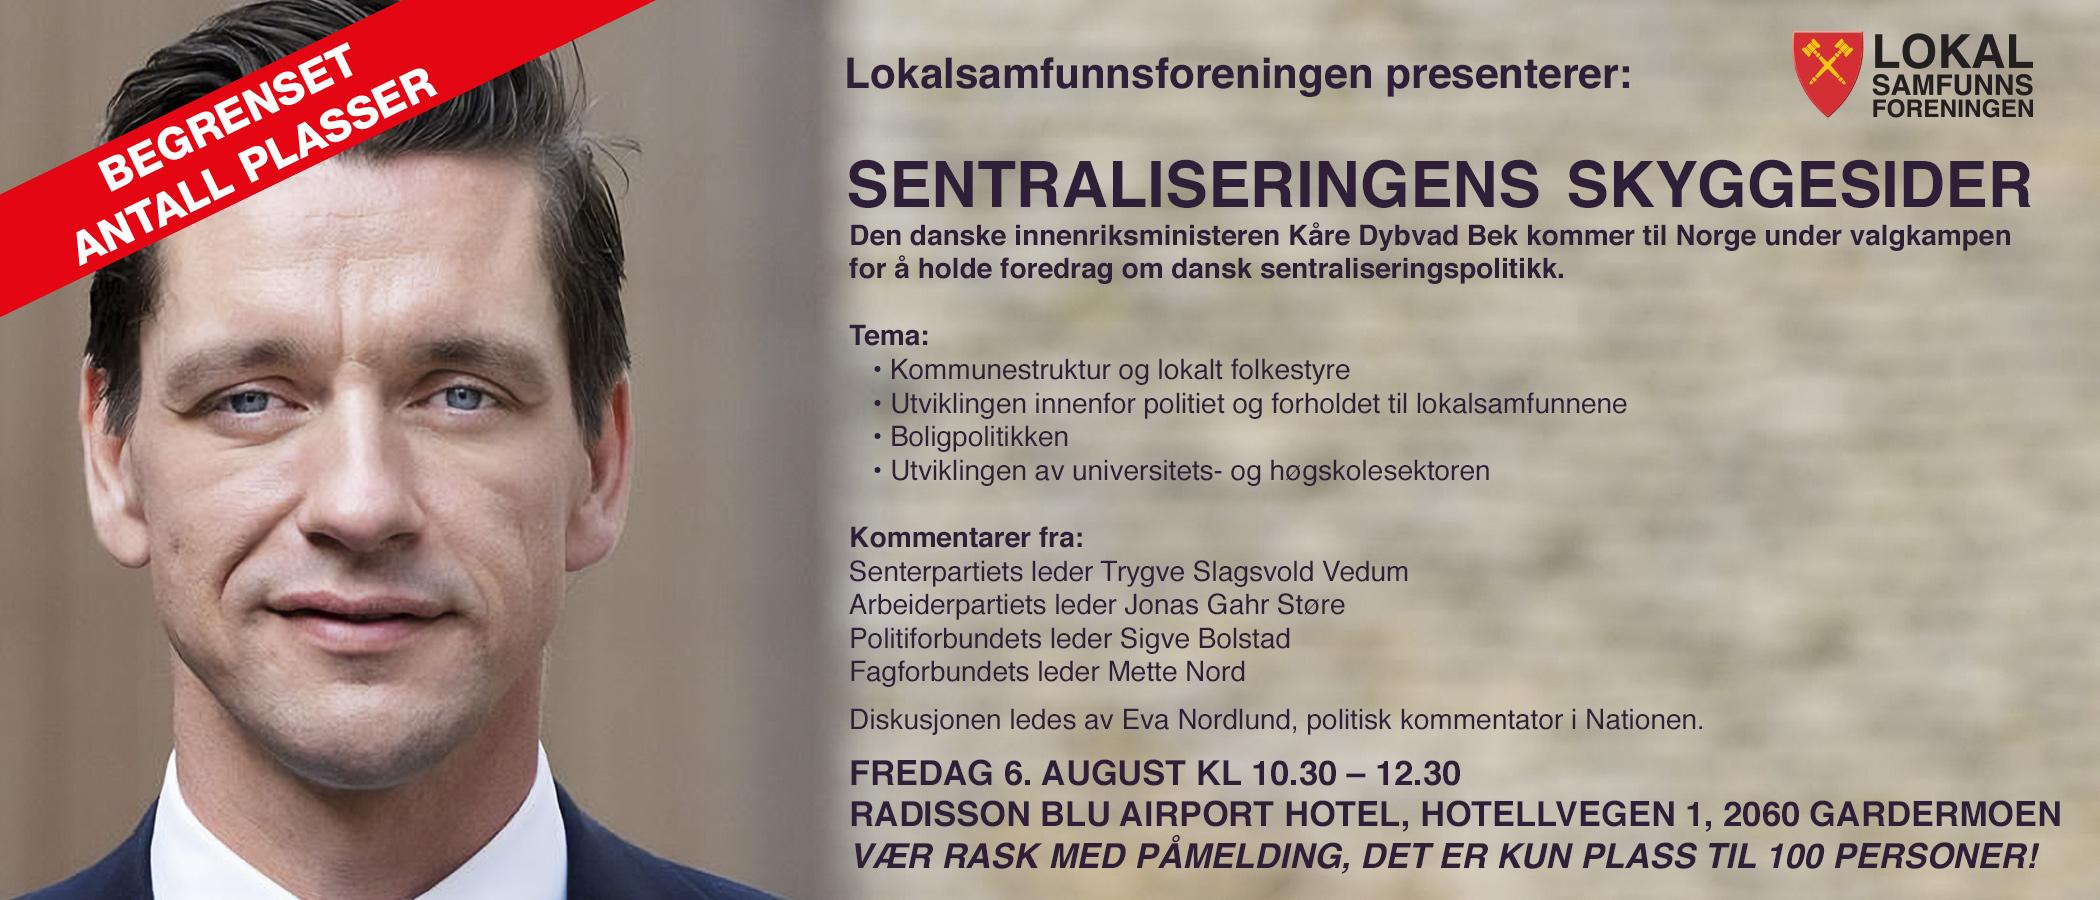 84061F08 EA2E 4EAA 9E4D 5EE12A6632B2 - Men Danmark desentraliserer...!